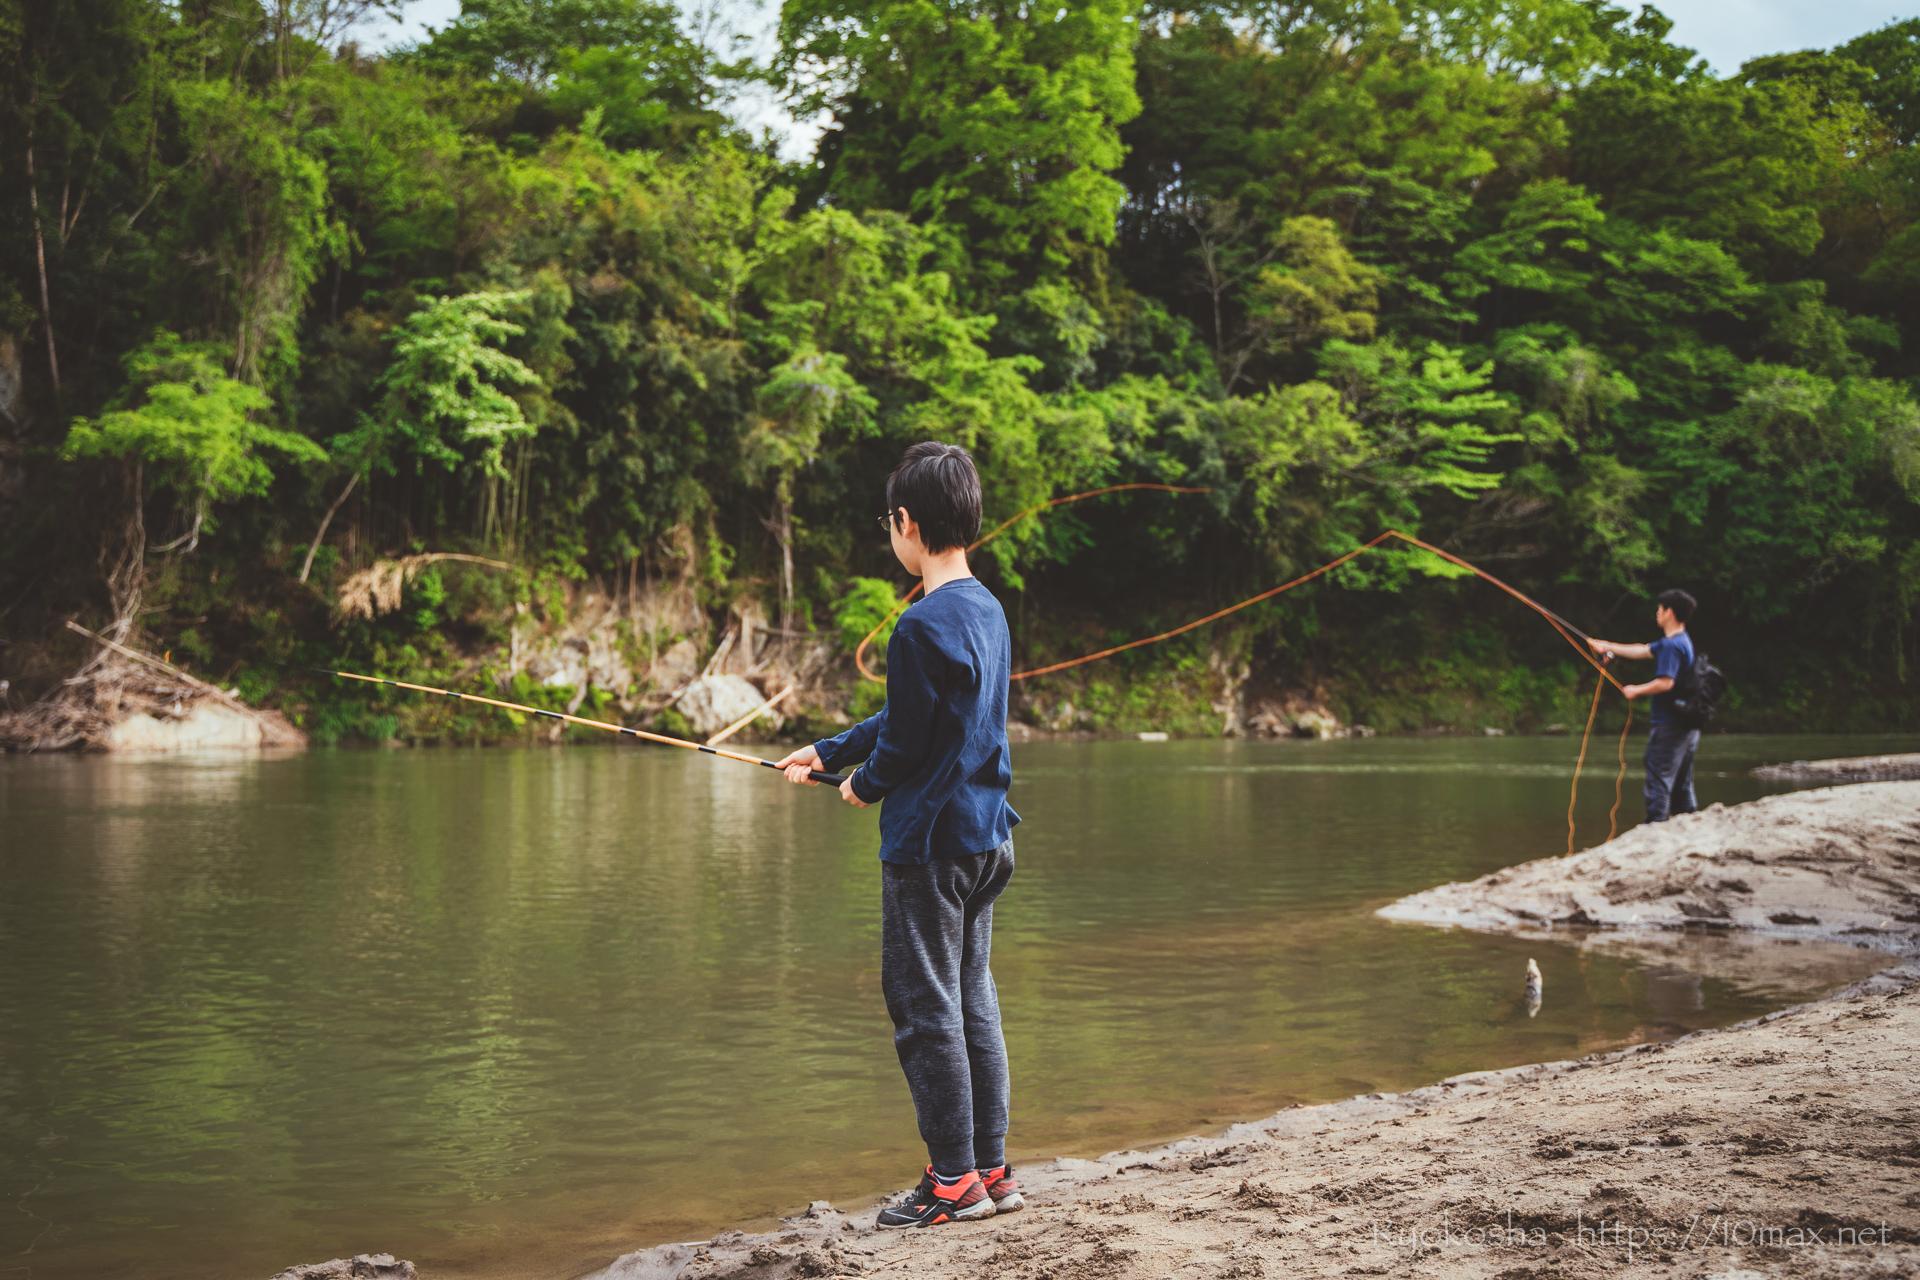 上小川キャンプ場 茨城県 釣り 久慈川 キャンプレポート ブログ